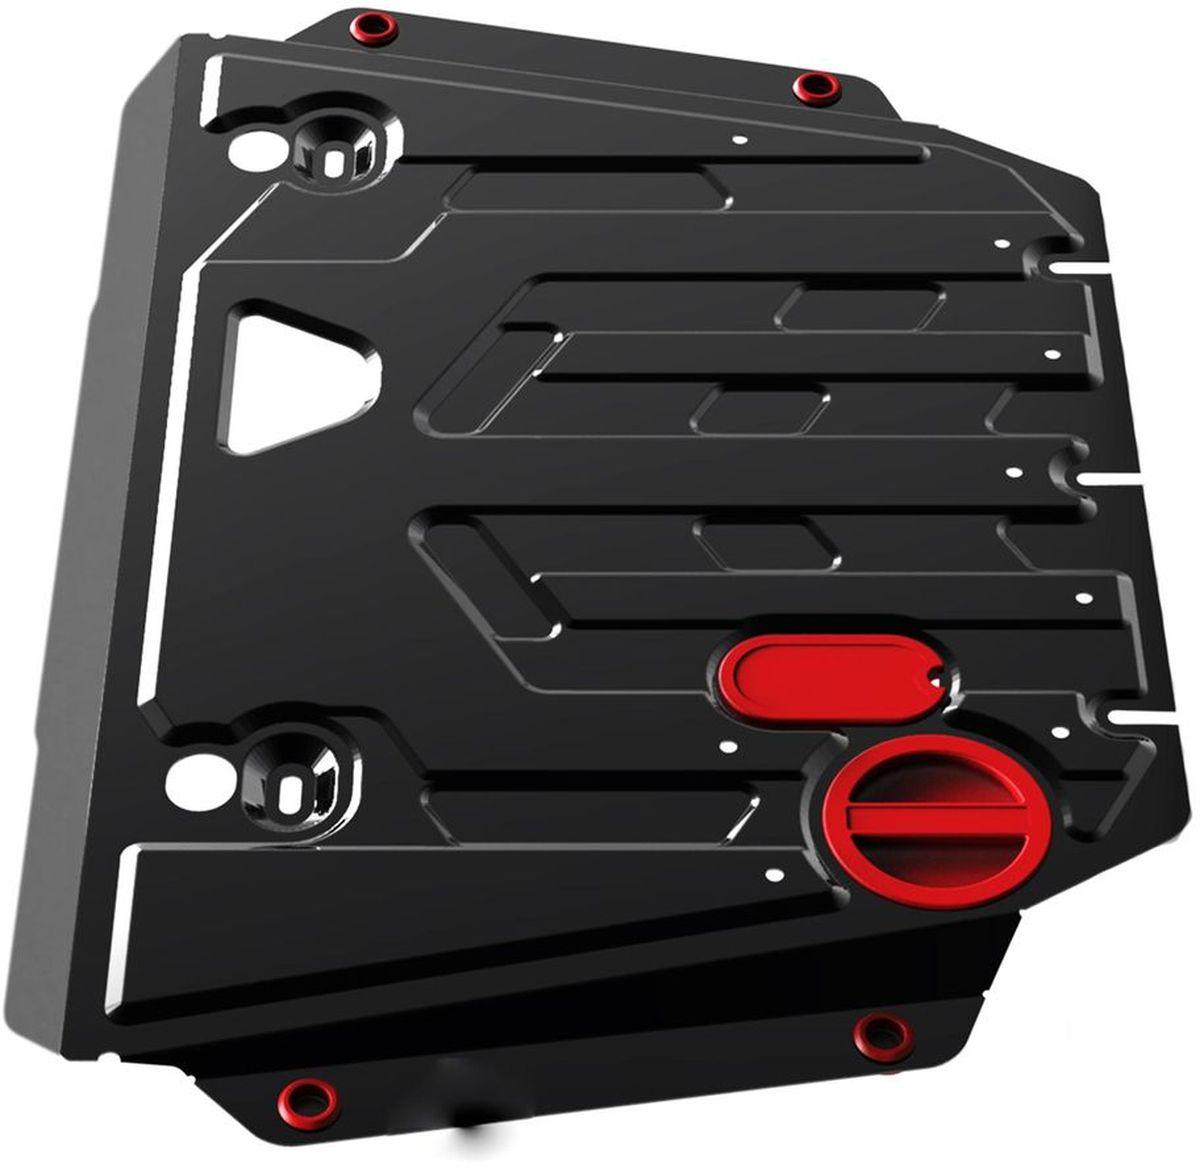 Защита картера и КПП Автоброня, для FAW Oley, V-1,5 (2014-)кн12-60авцТехнологически совершенный продукт за невысокую стоимость.Защита разработана с учетом особенностей днища автомобиля, что позволяет сохранить дорожный просвет с минимальным изменением.Защита устанавливается в штатные места кузова автомобиля. Глубокий штамп обеспечивает до двух раз больше жесткости в сравнении с обычной защитой той же толщины. Проштампованные ребра жесткости препятствуют деформации защиты при ударах.Тепловой зазор и вентиляционные отверстия обеспечивают сохранение температурного режима двигателя в норме. Скрытый крепеж предотвращает срыв крепежных элементов при наезде на препятствие.Шумопоглощающие резиновые элементы обеспечивают комфортную езду без вибраций и скрежета металла, а съемные лючки для слива масла и замены фильтра - экономию средств и время.Конструкция изделия не влияет на пассивную безопасность автомобиля (при ударе защита не воздействует на деформационные зоны кузова). Со штатным крепежом. В комплекте инструкция по установке.Толщина стали: 2 мм.Уважаемые клиенты!Обращаем ваше внимание, что элемент защиты имеет форму, соответствующую модели данного автомобиля. Фото служит для визуального восприятия товара и может отличаться от фактического.